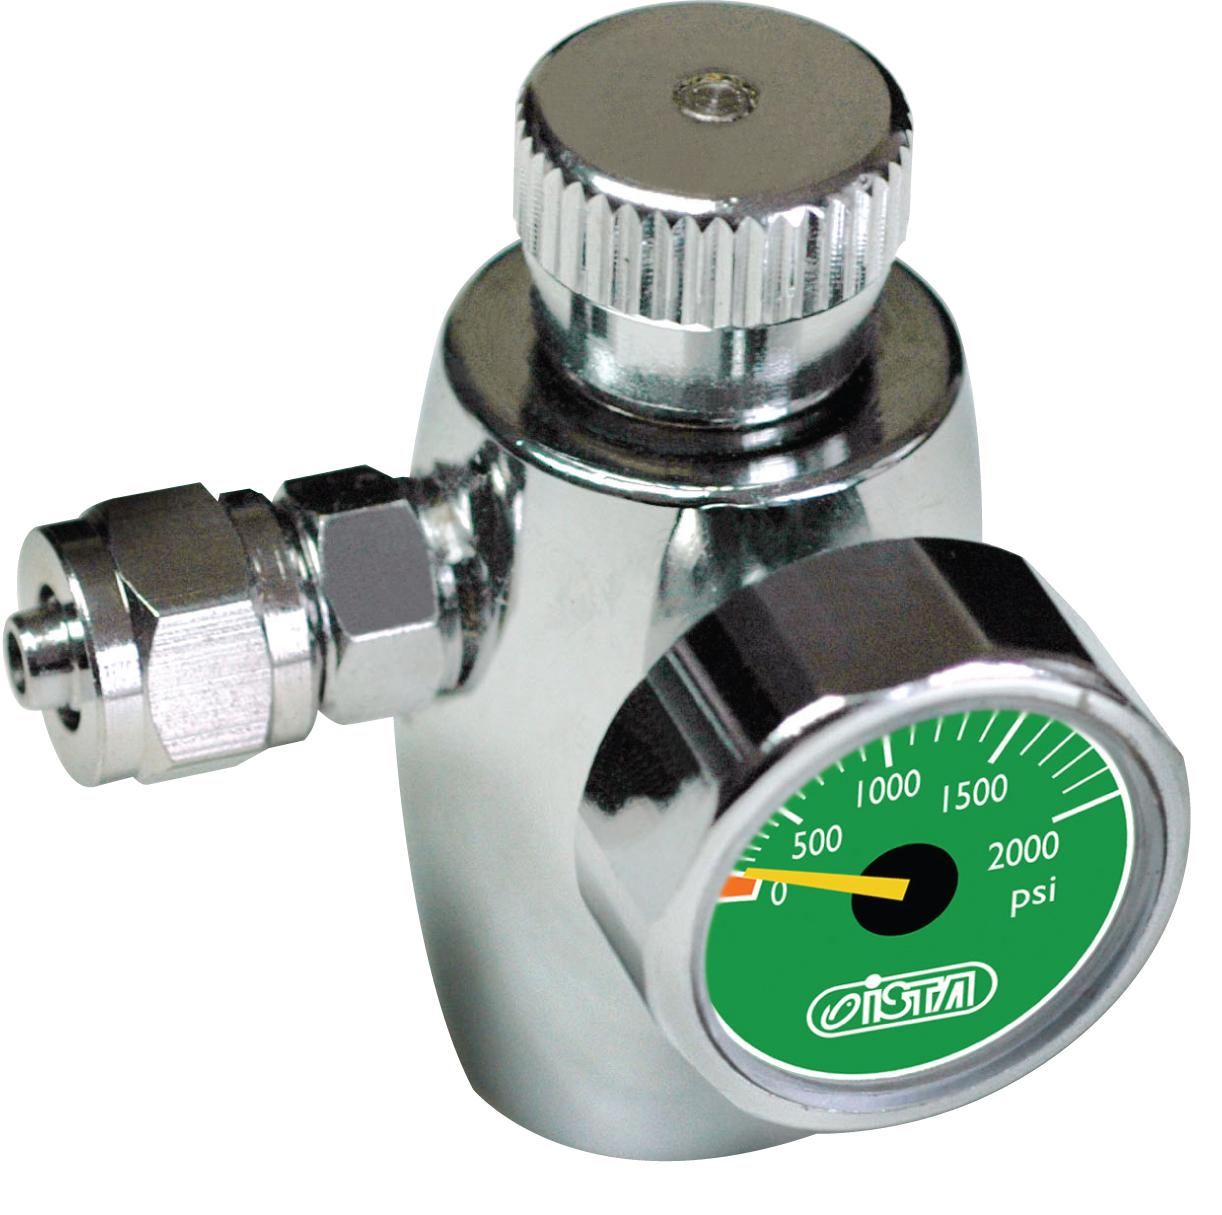 Регулятор CO2 Ista для баллона CO2 универсальный